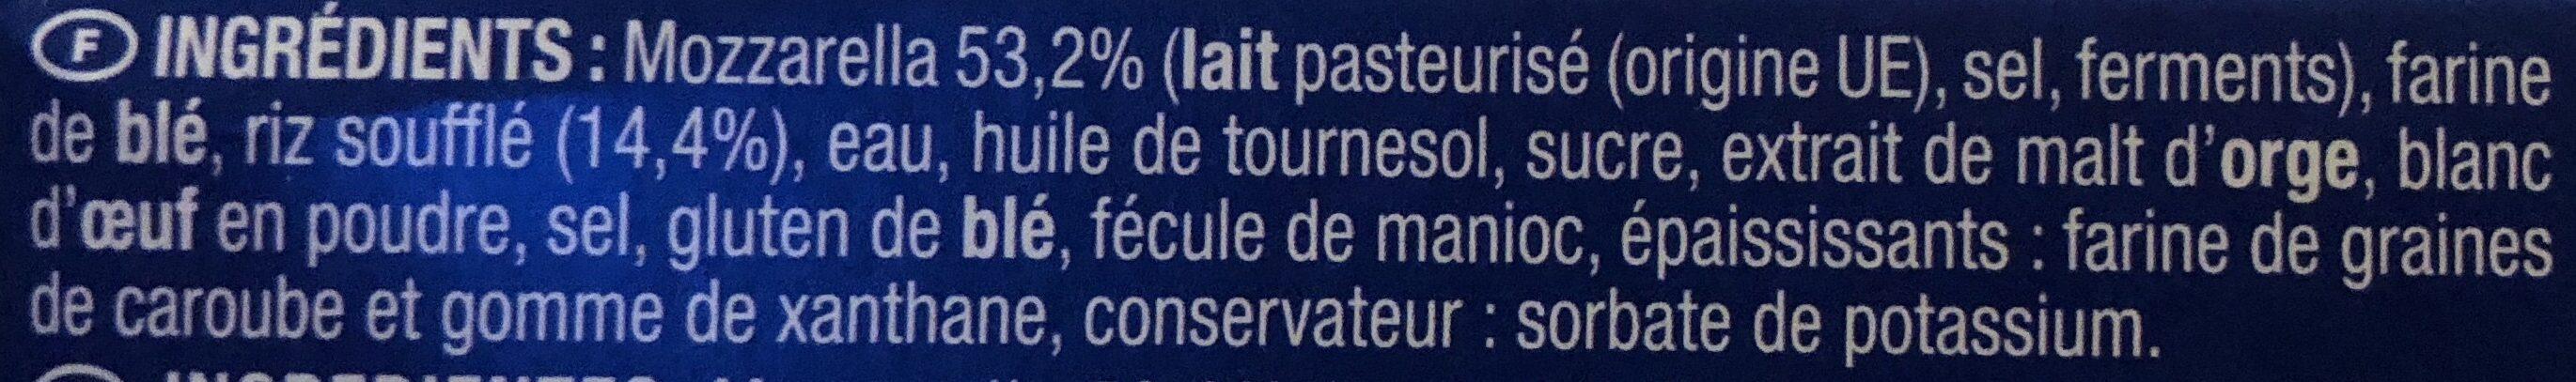 Croccante alla mozzarella - Ingrediënten - fr